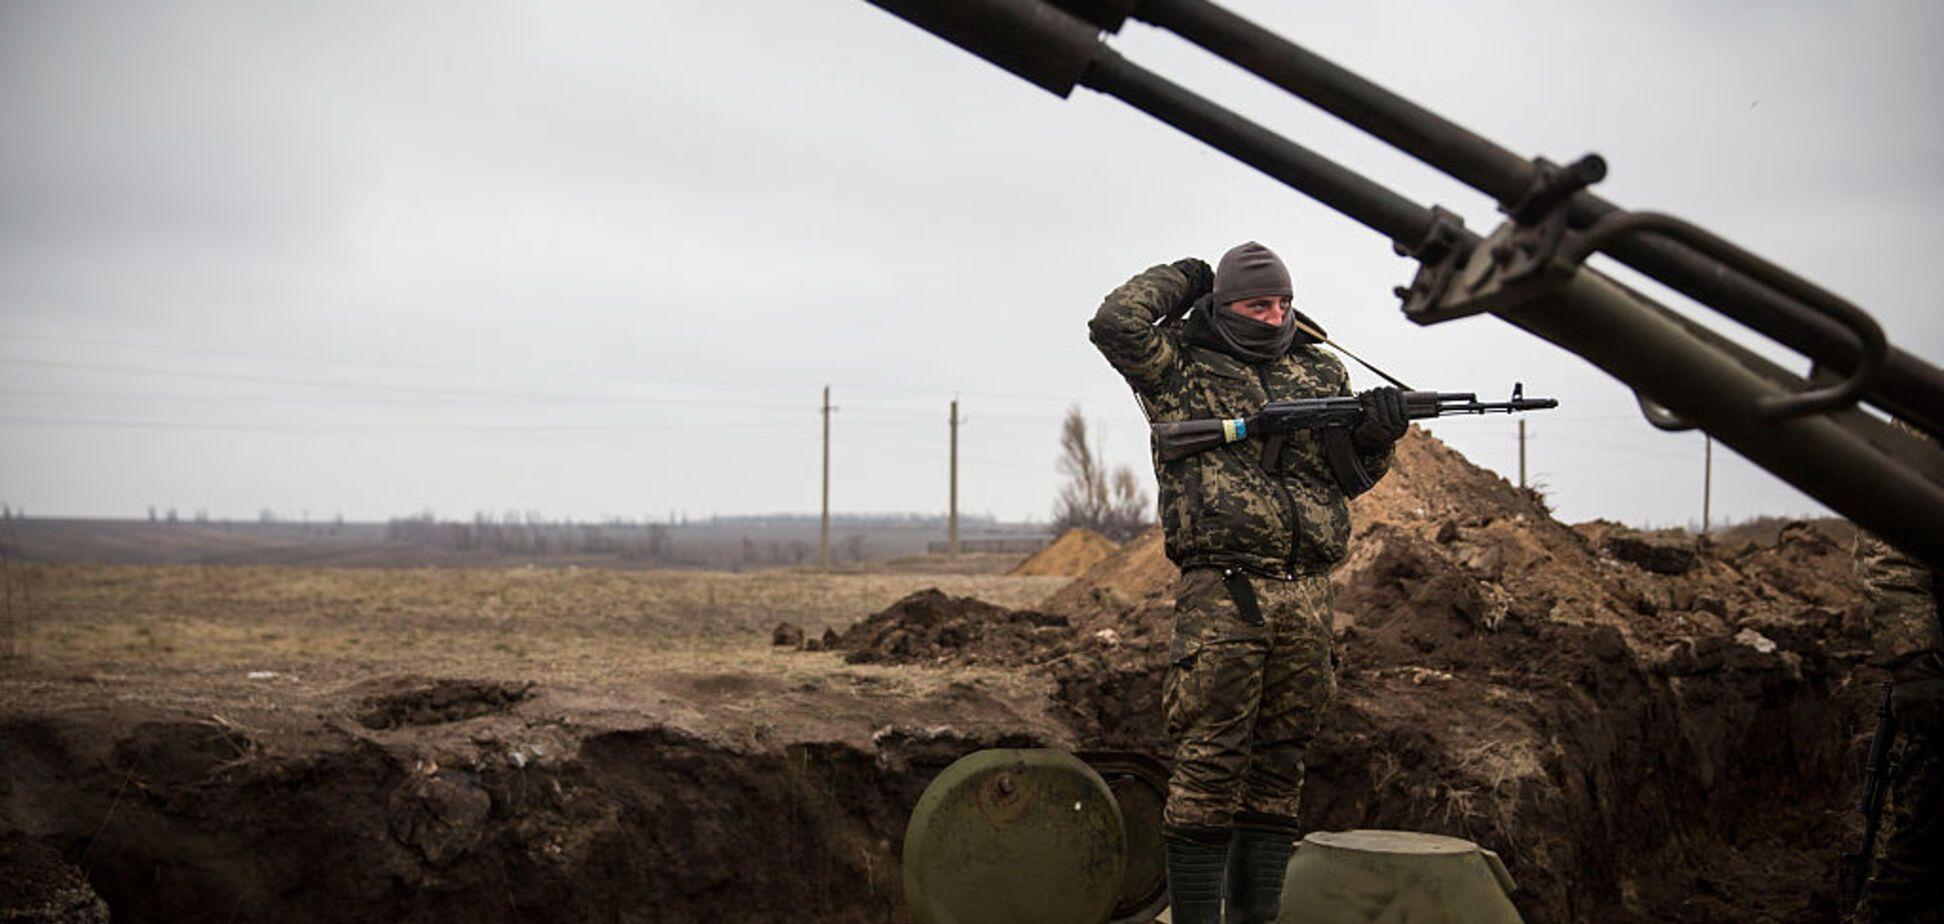 Перемирие оказалось недолгим: террористы 'ДНР' подло атаковали силы АТО на Донбассе